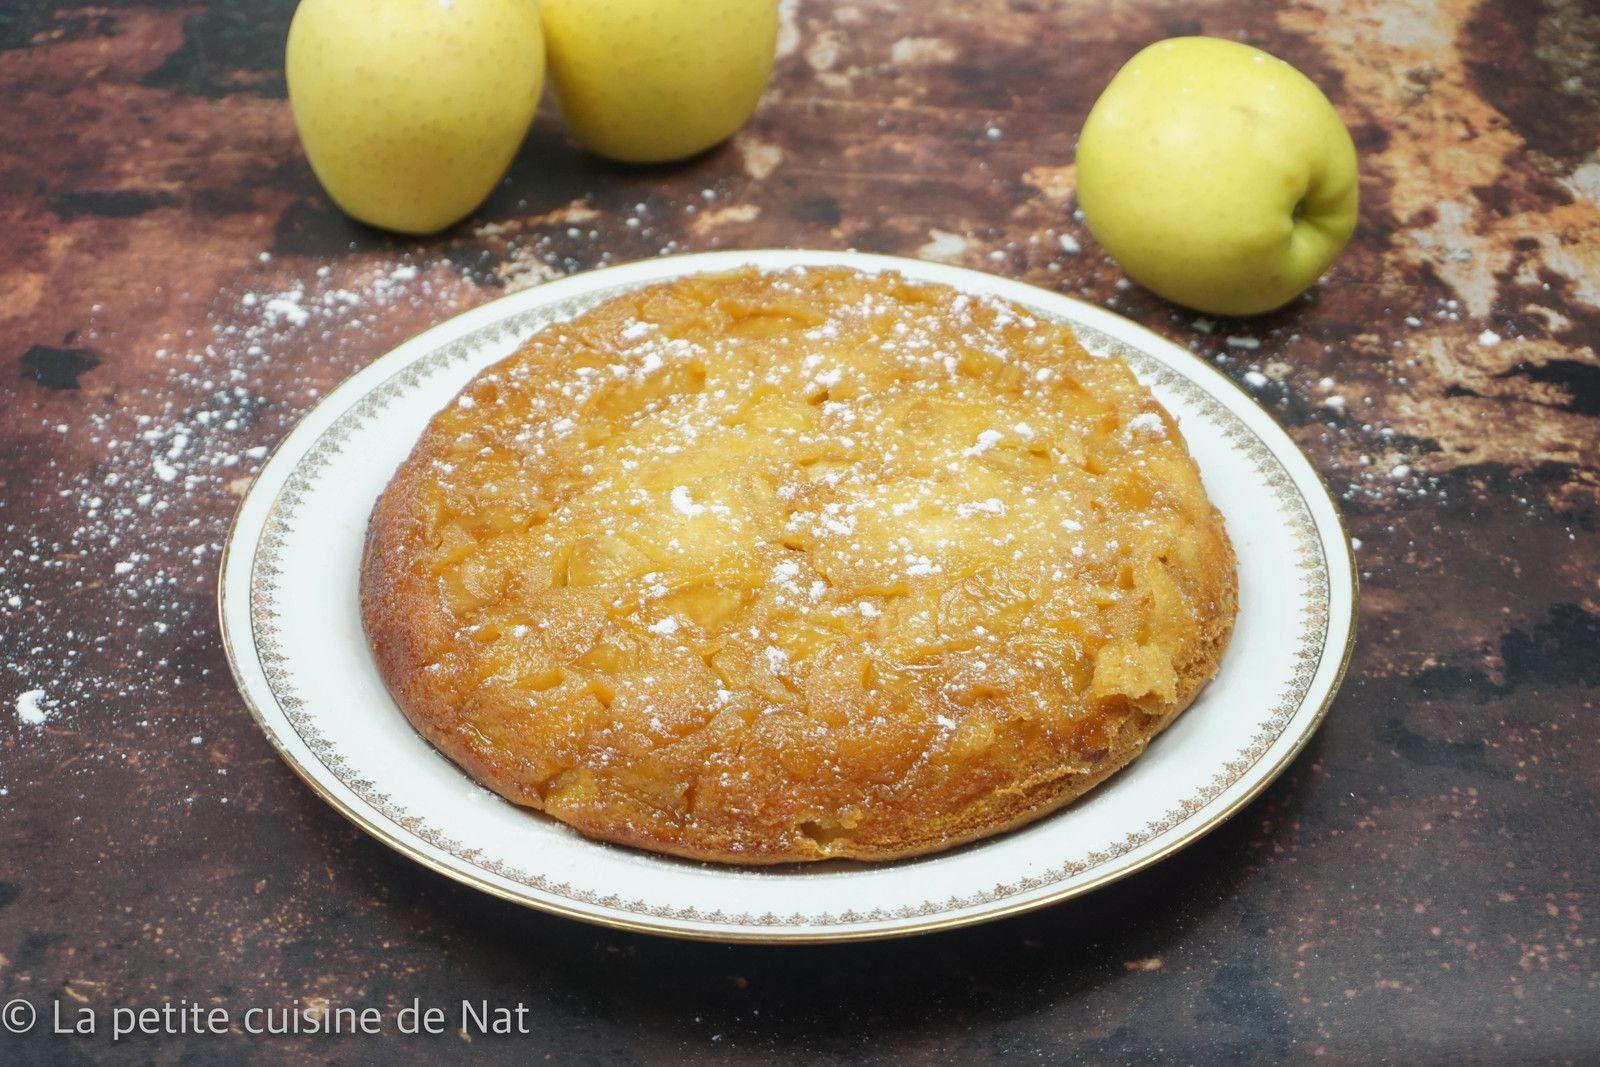 gâteau renversé aux pommes